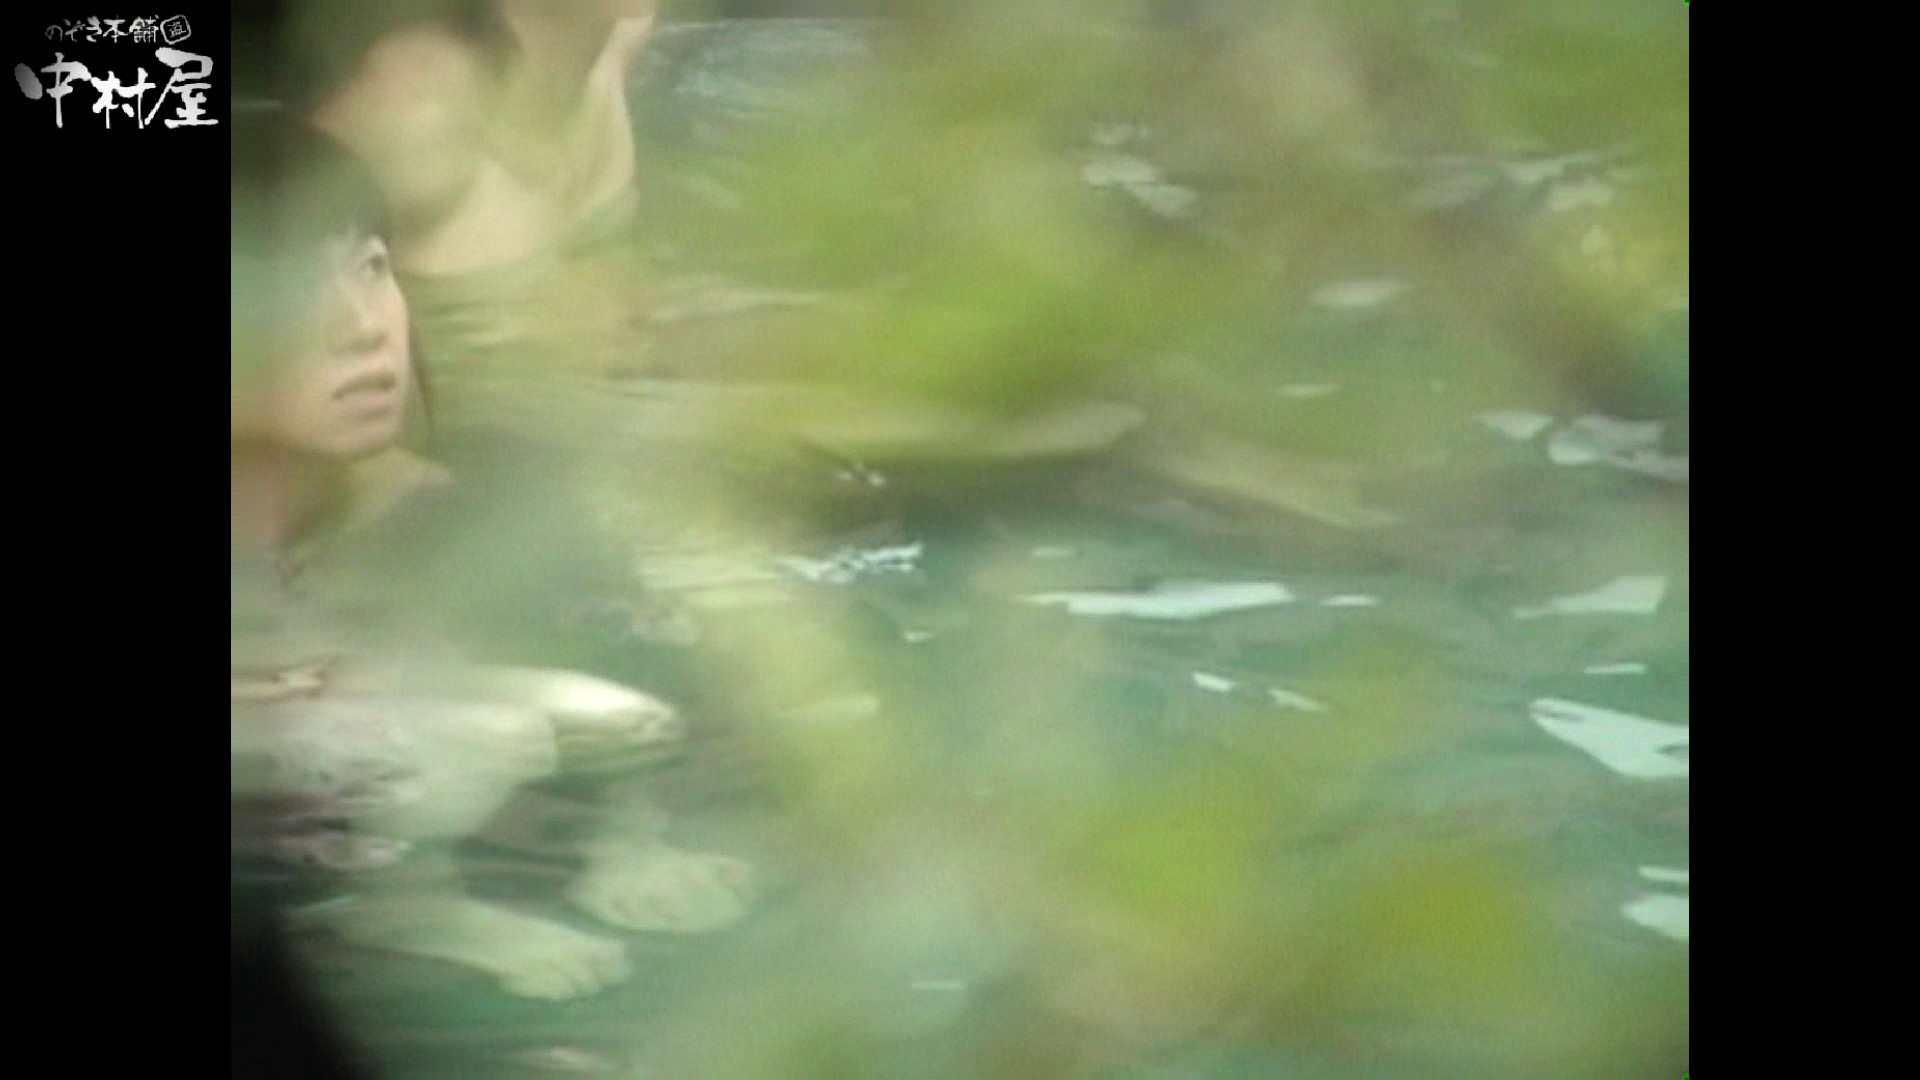 Aquaな露天風呂Vol.953 美しいOLの裸体 アダルト動画キャプチャ 70pic 23